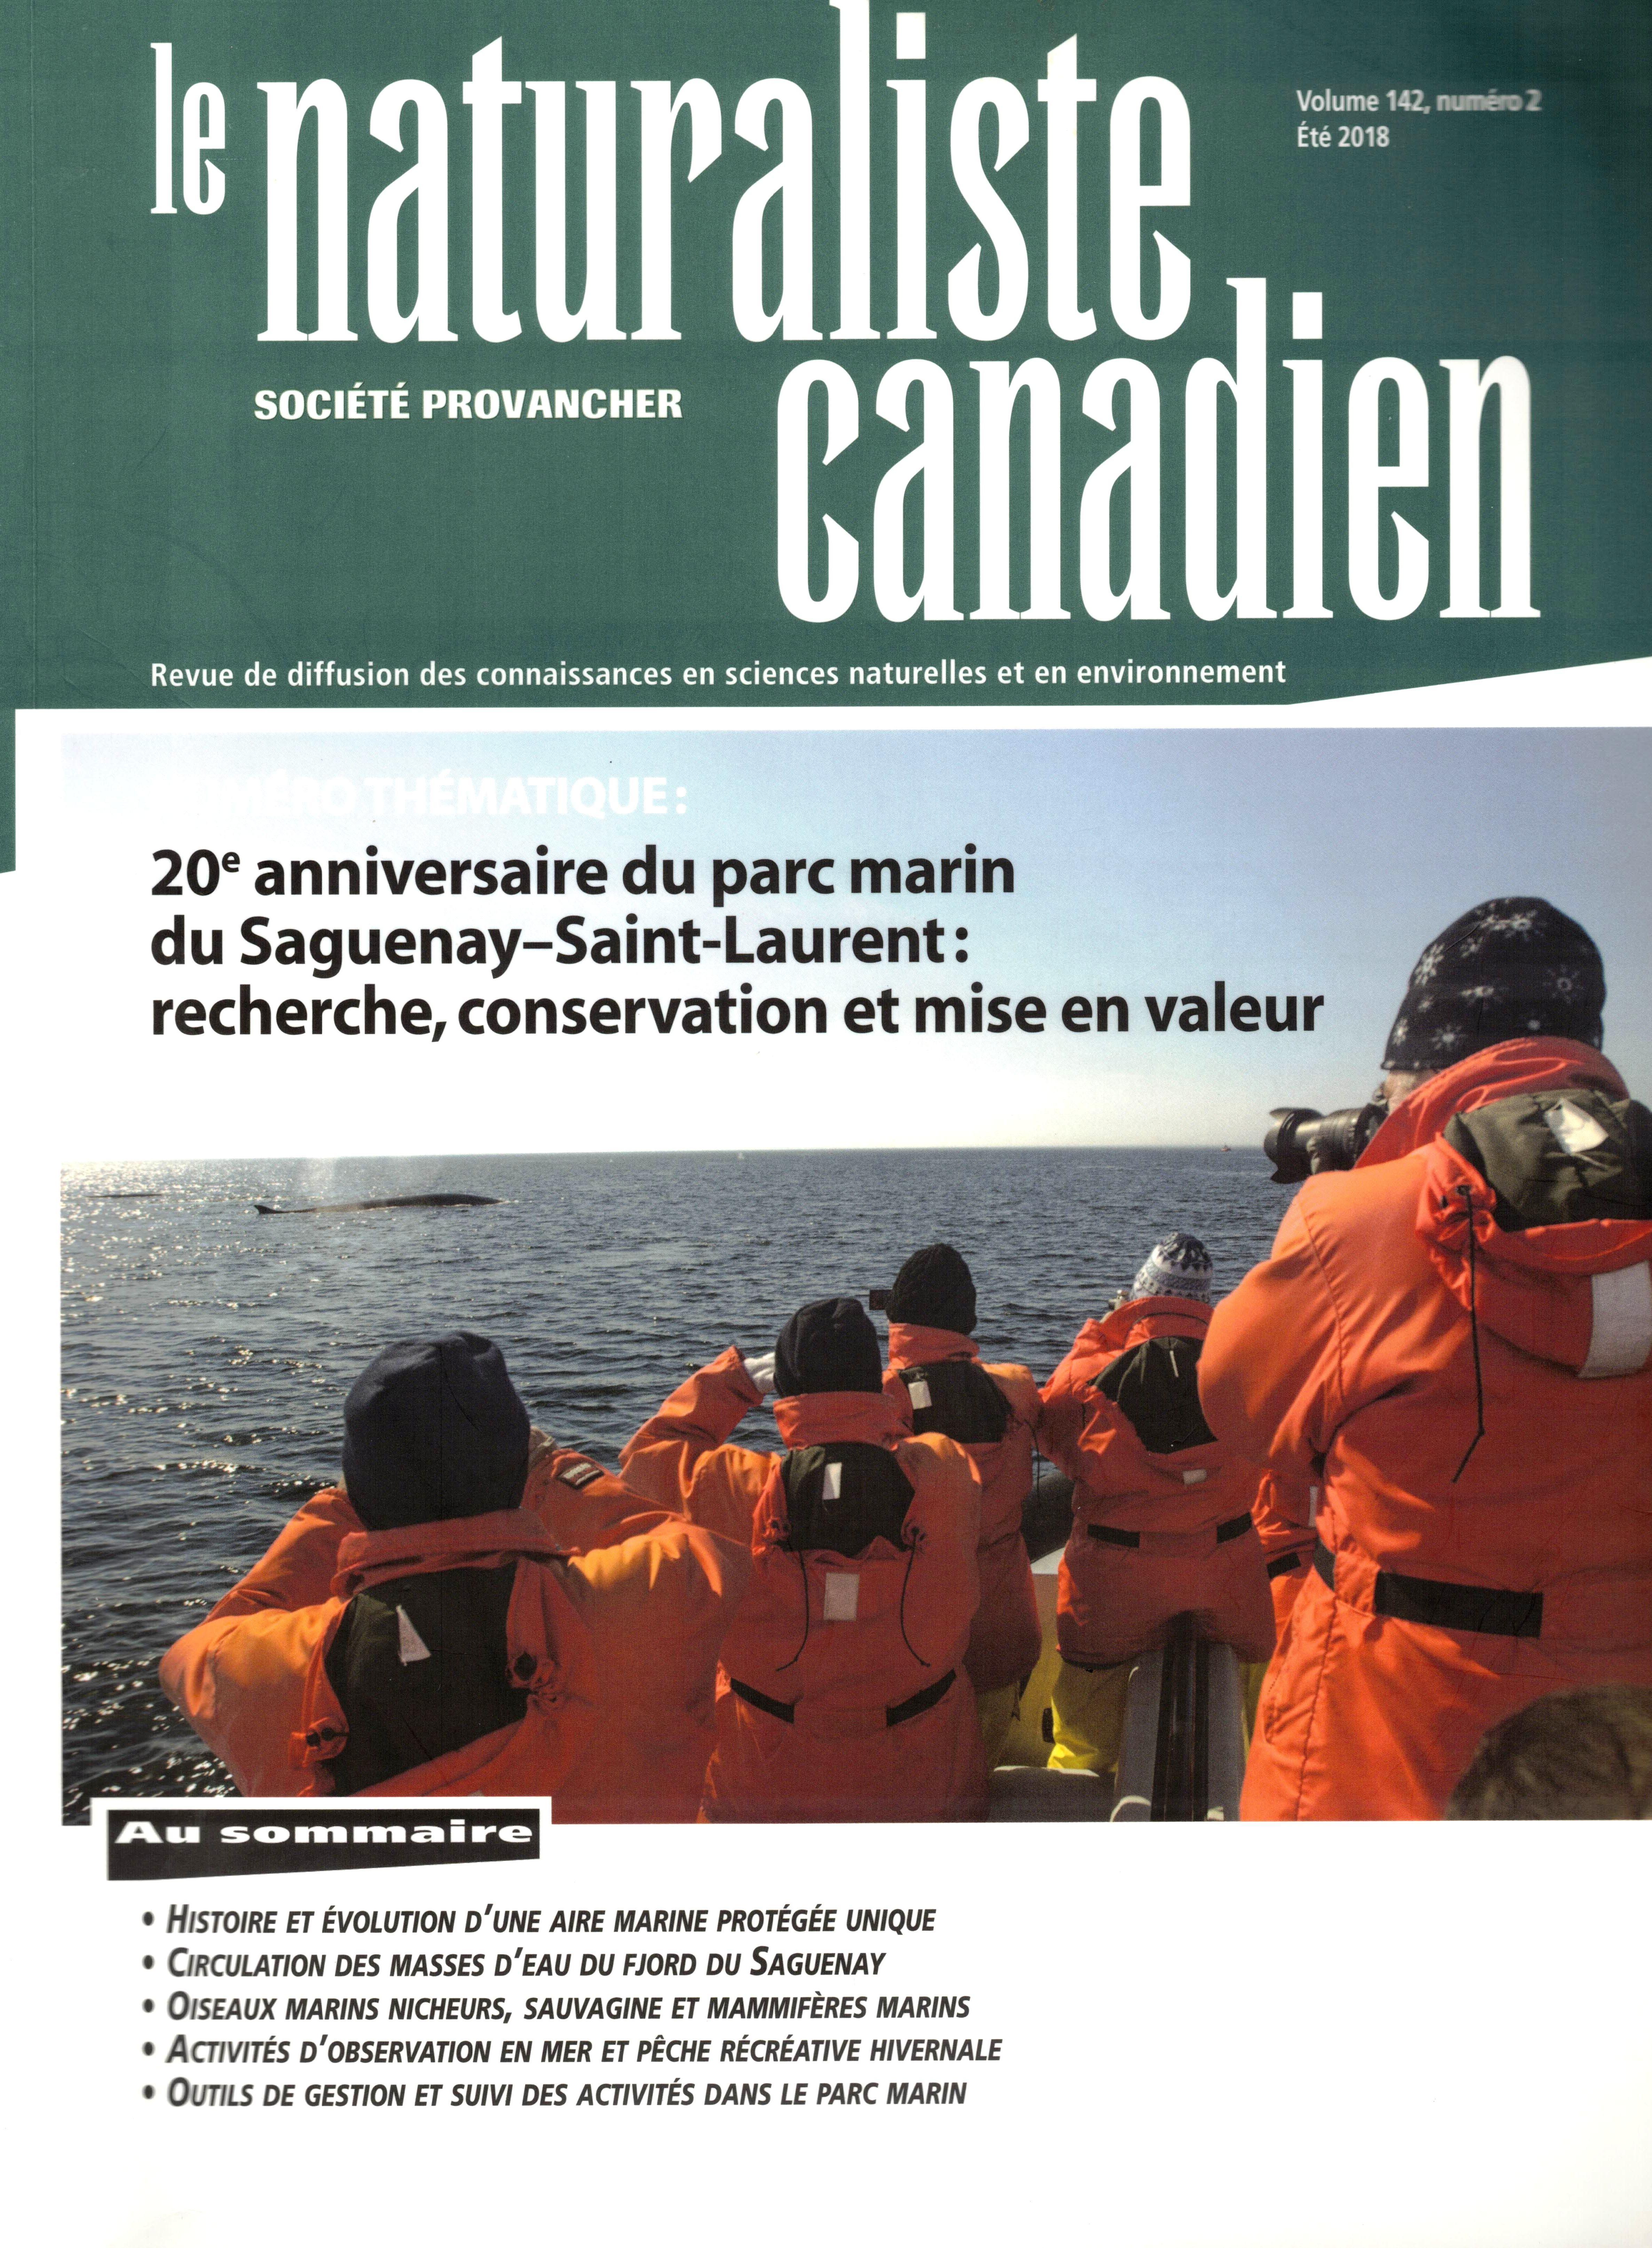 Parc marin Saguenay-Saint-Laurent.